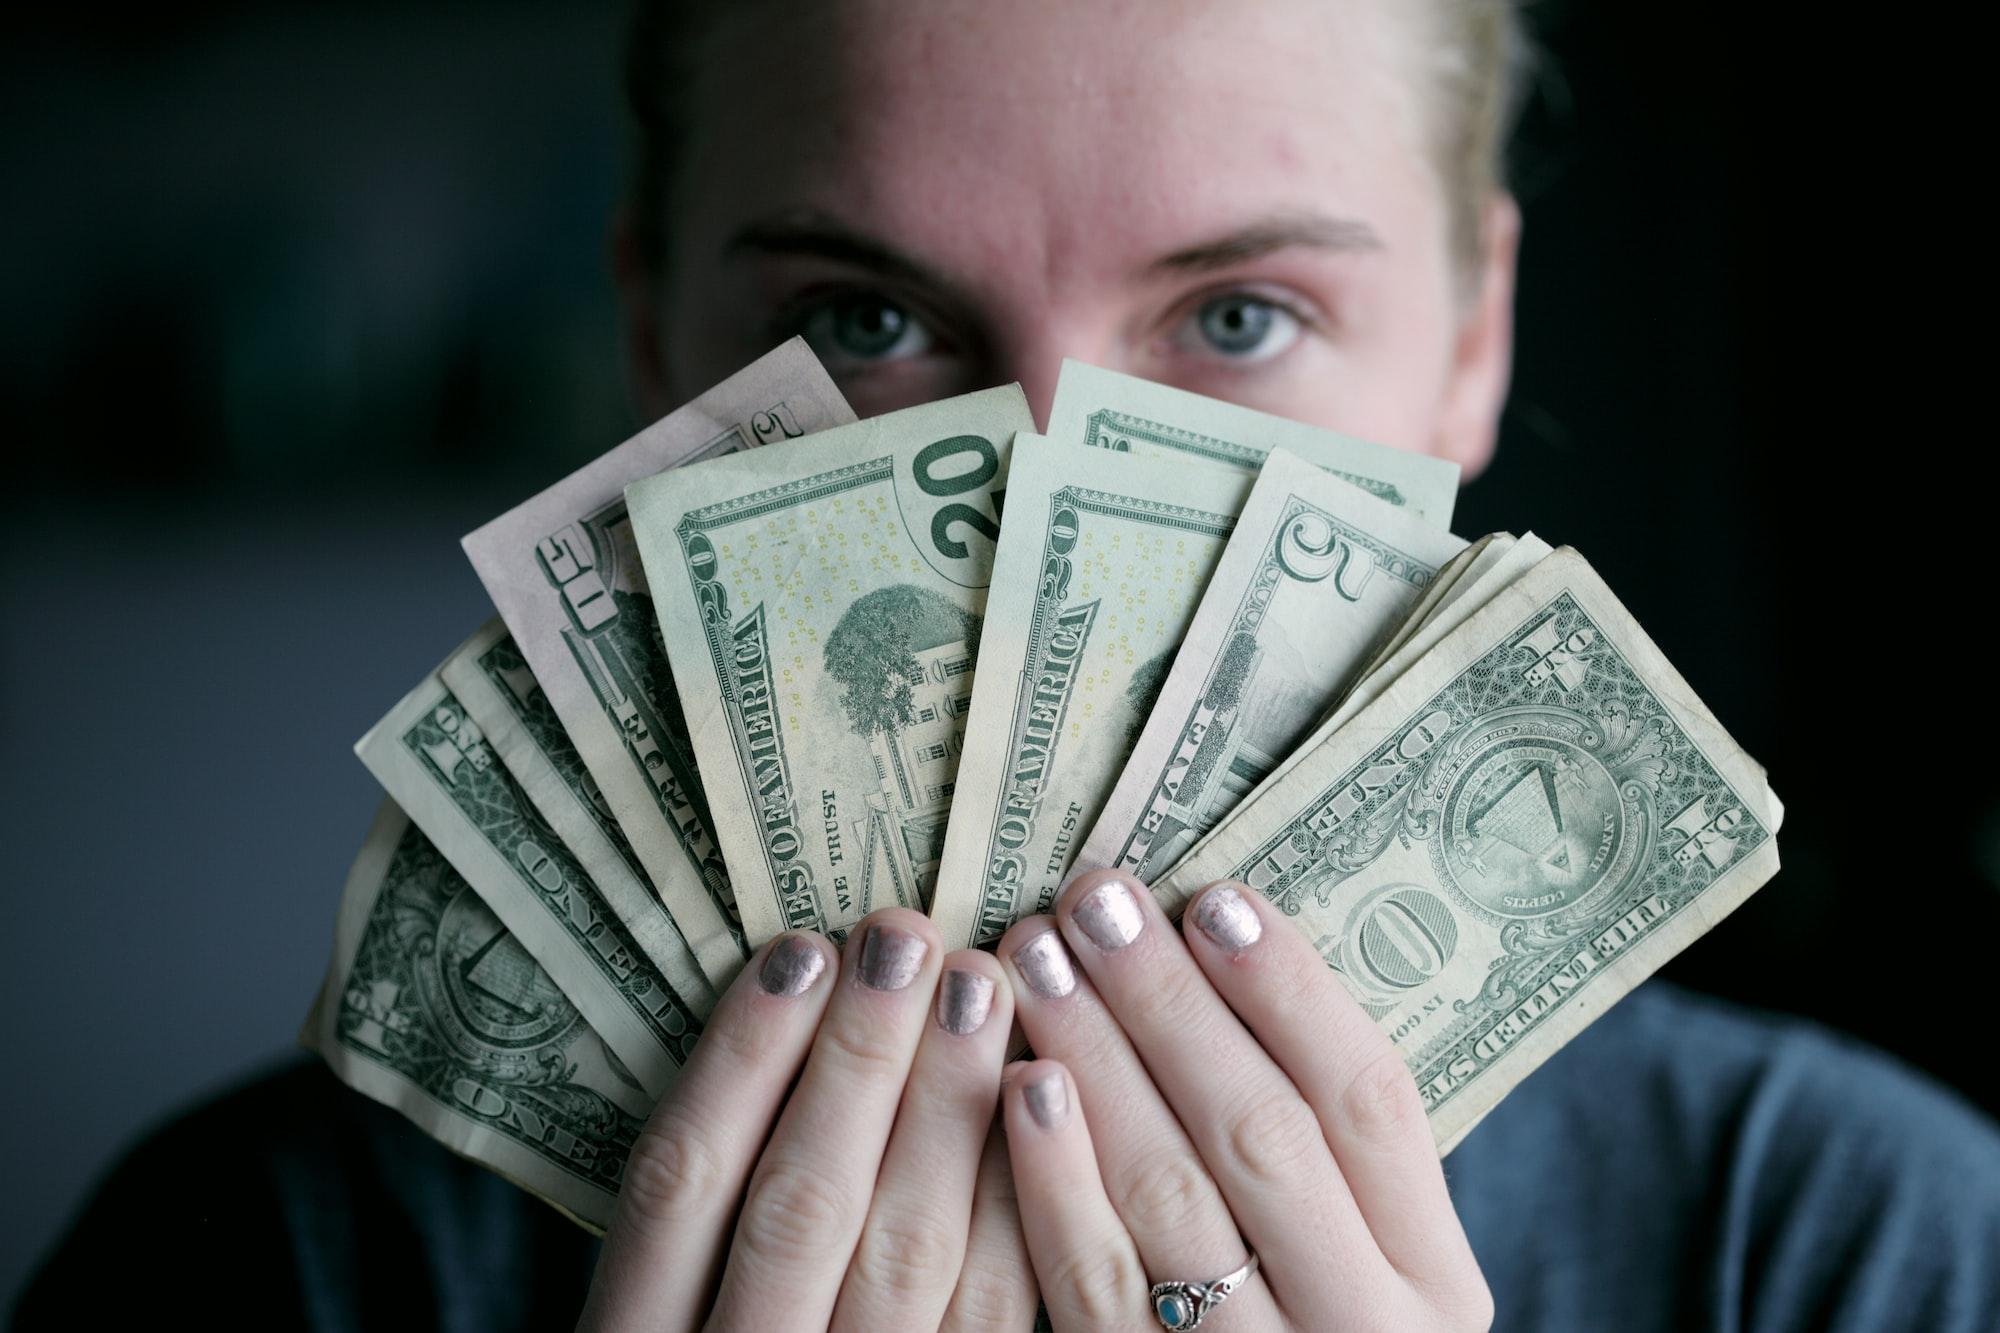 Grayscale สิ้นสุดไตรมาสด้วยรายรับสุดถล่มทลายที่ 5.7 พันล้าน USD